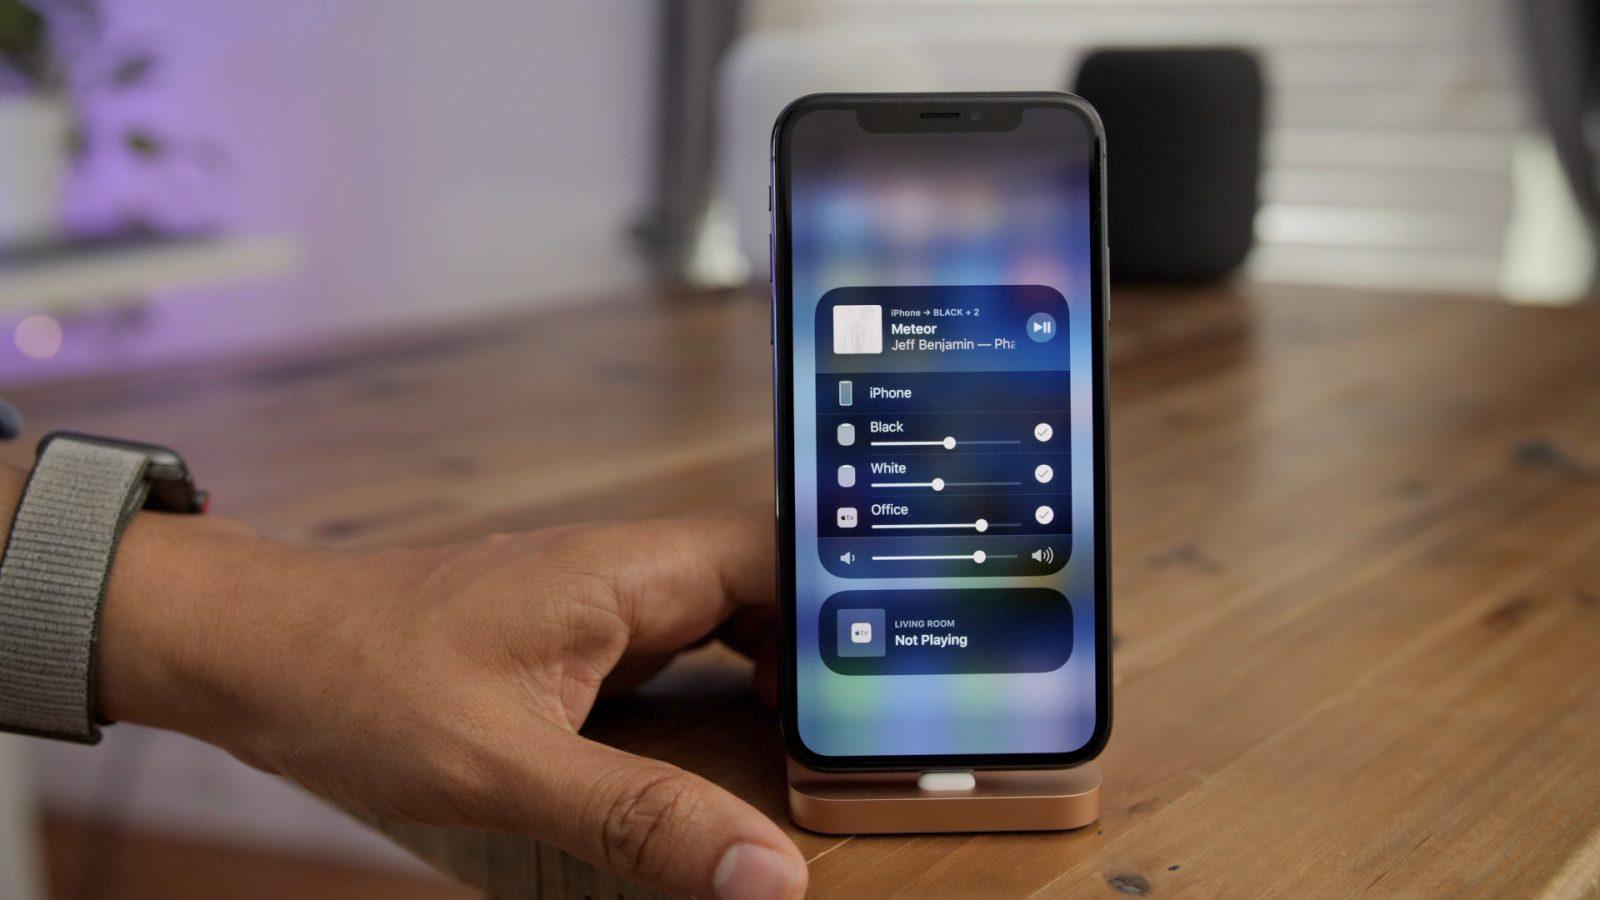 Come attivare facilmente il sistema Apple Airplay su Mac, iPhone e Android 2